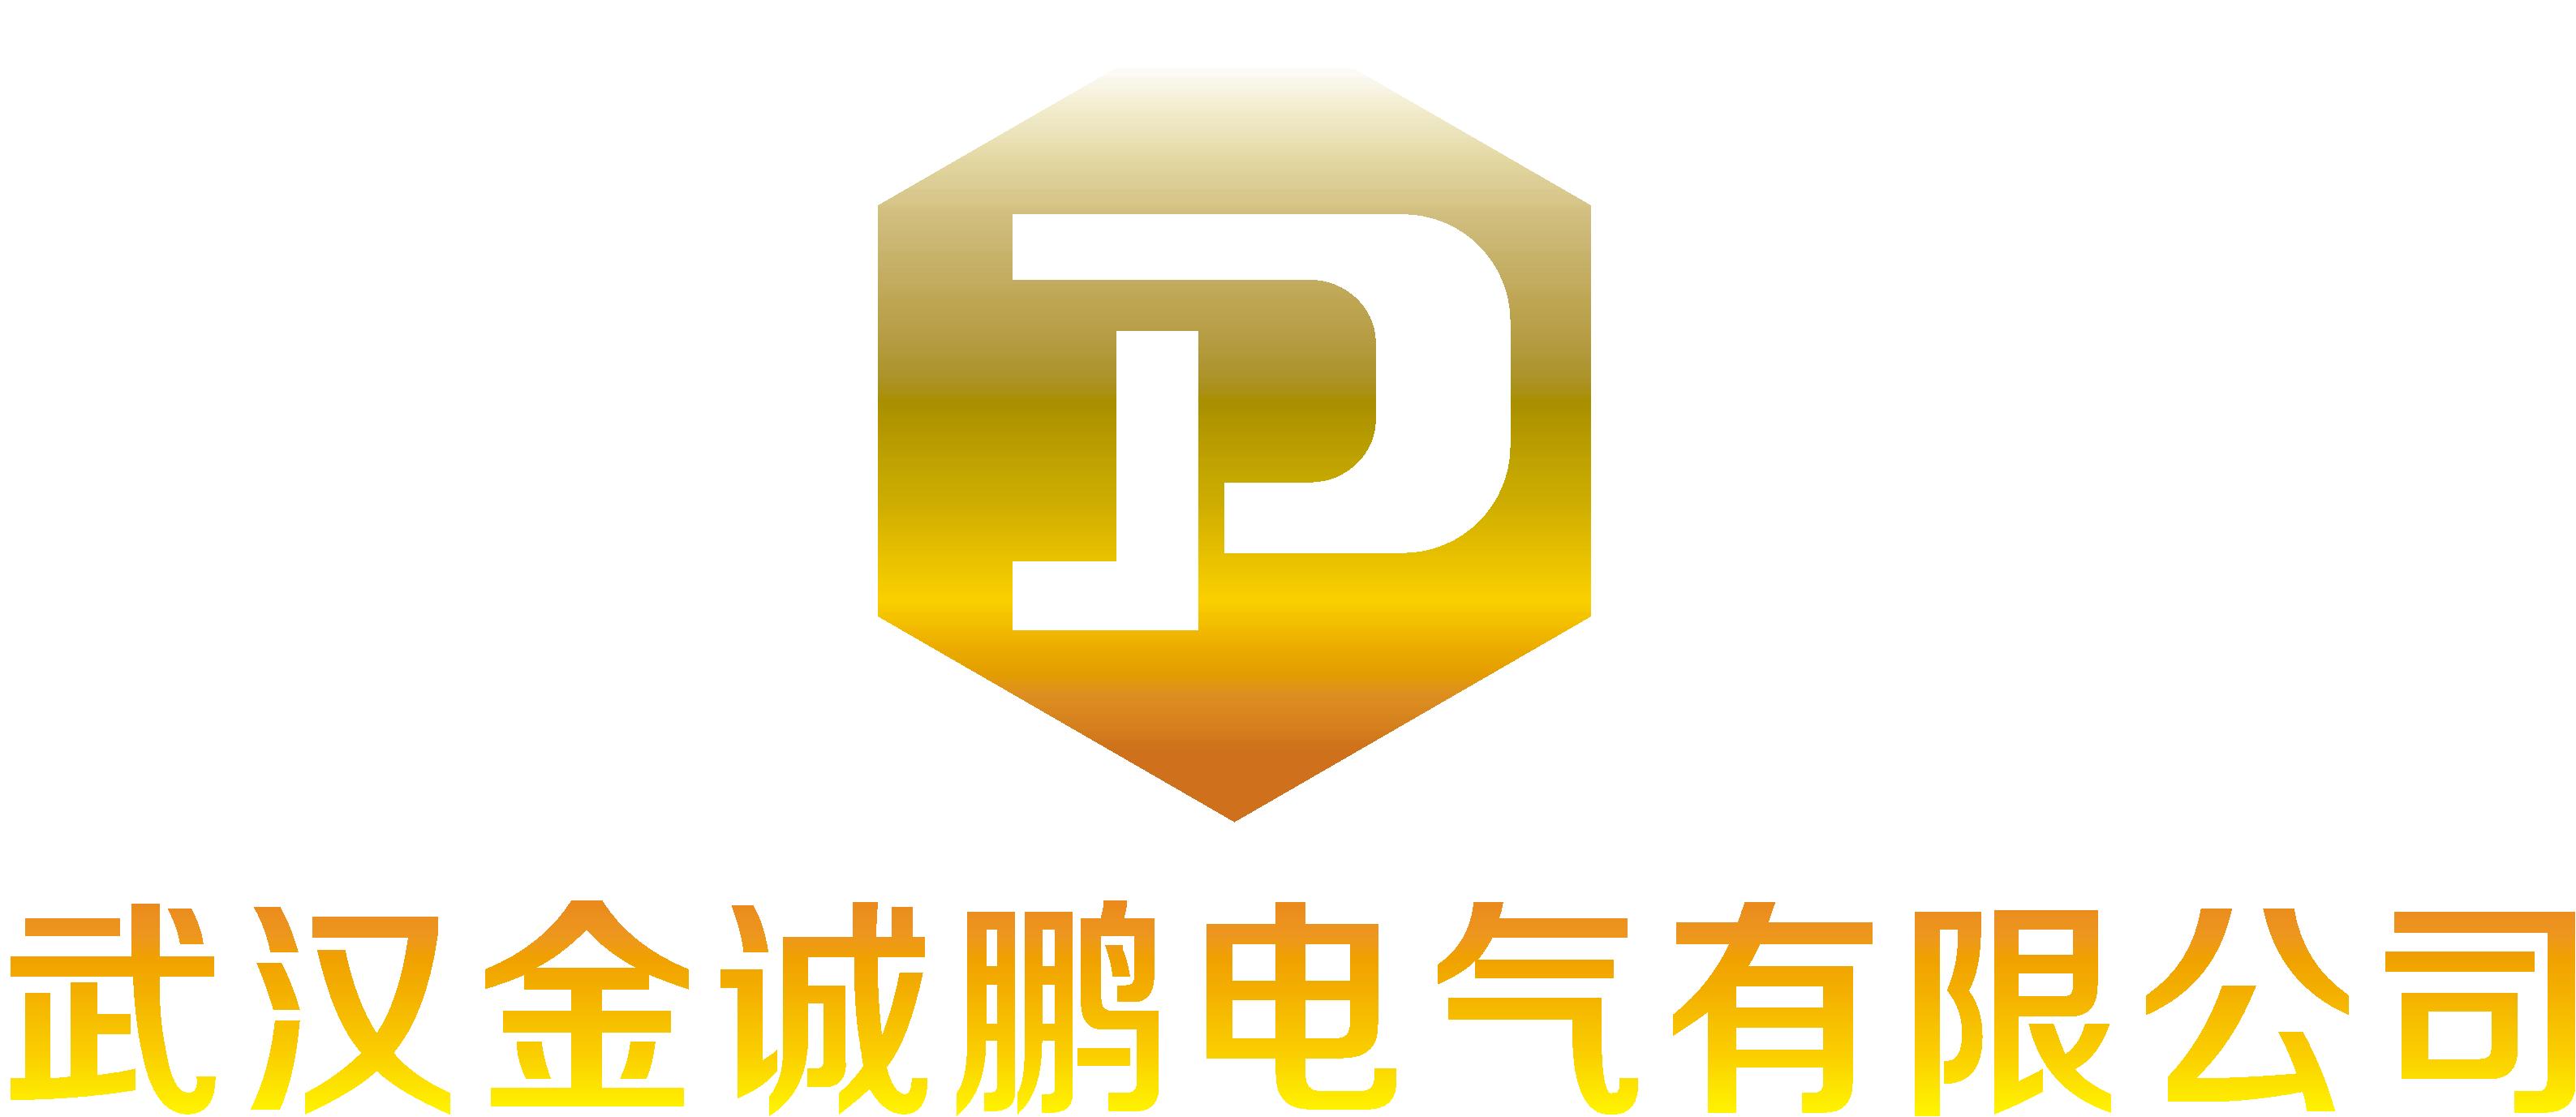 logo 标识 标志 设计 矢量 矢量图 素材 图标 3175_1377